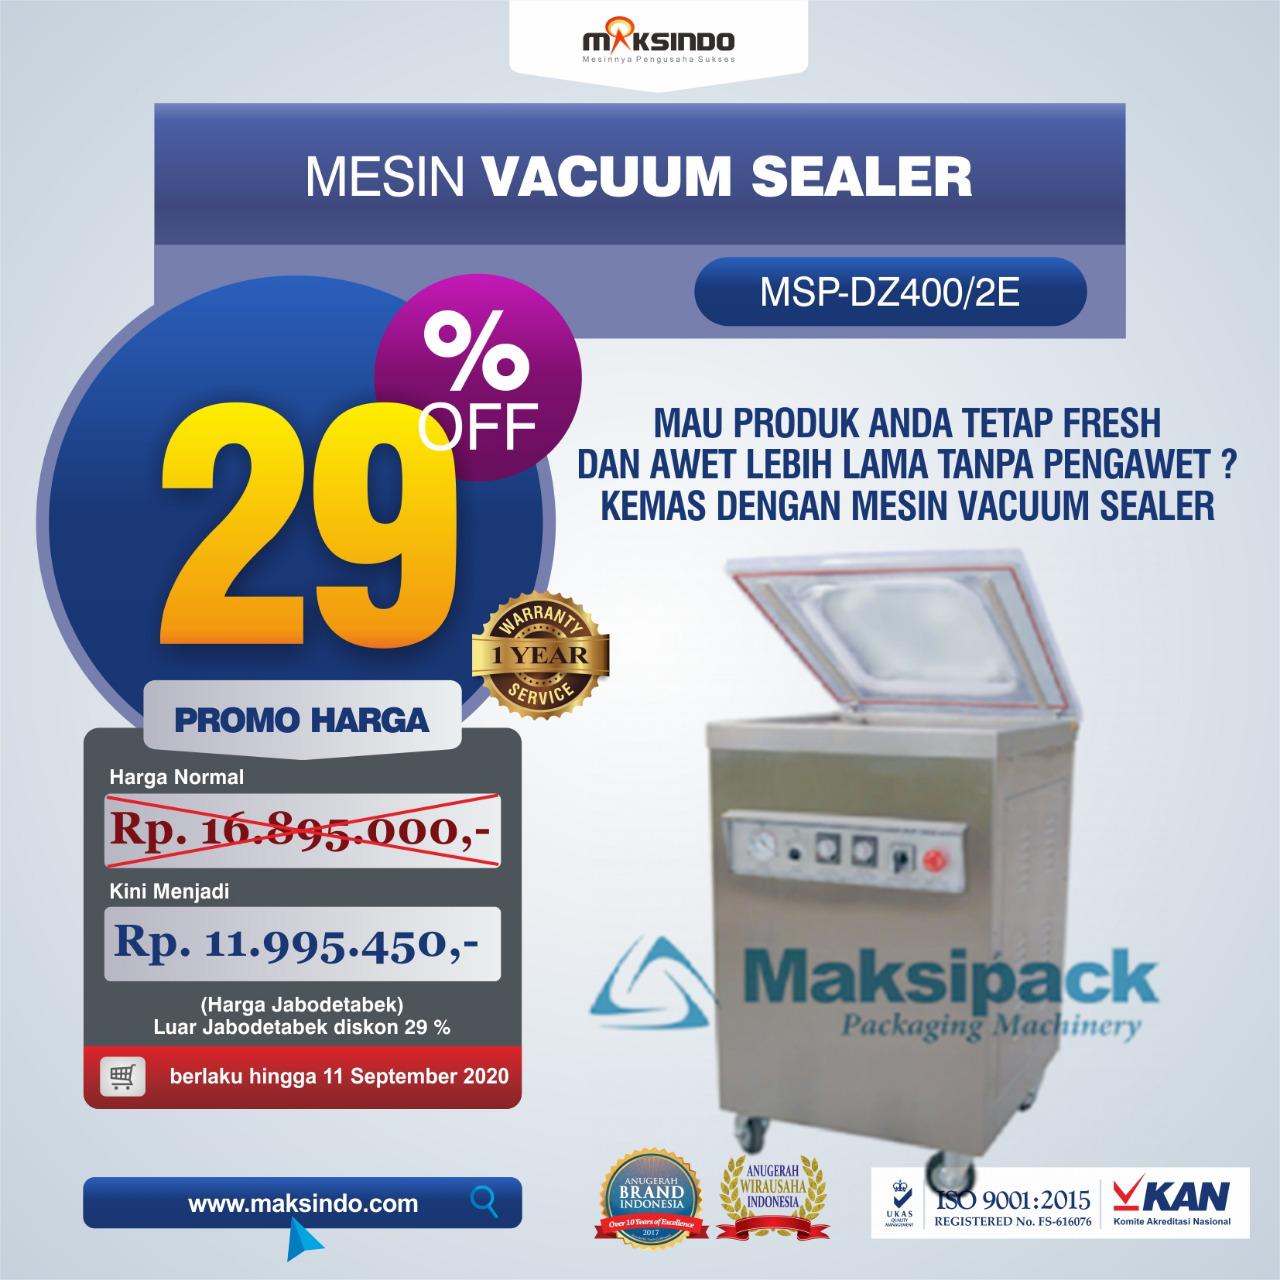 Jual Mesin Vacuum Sealer MSP-DZ400/2E di Palembang